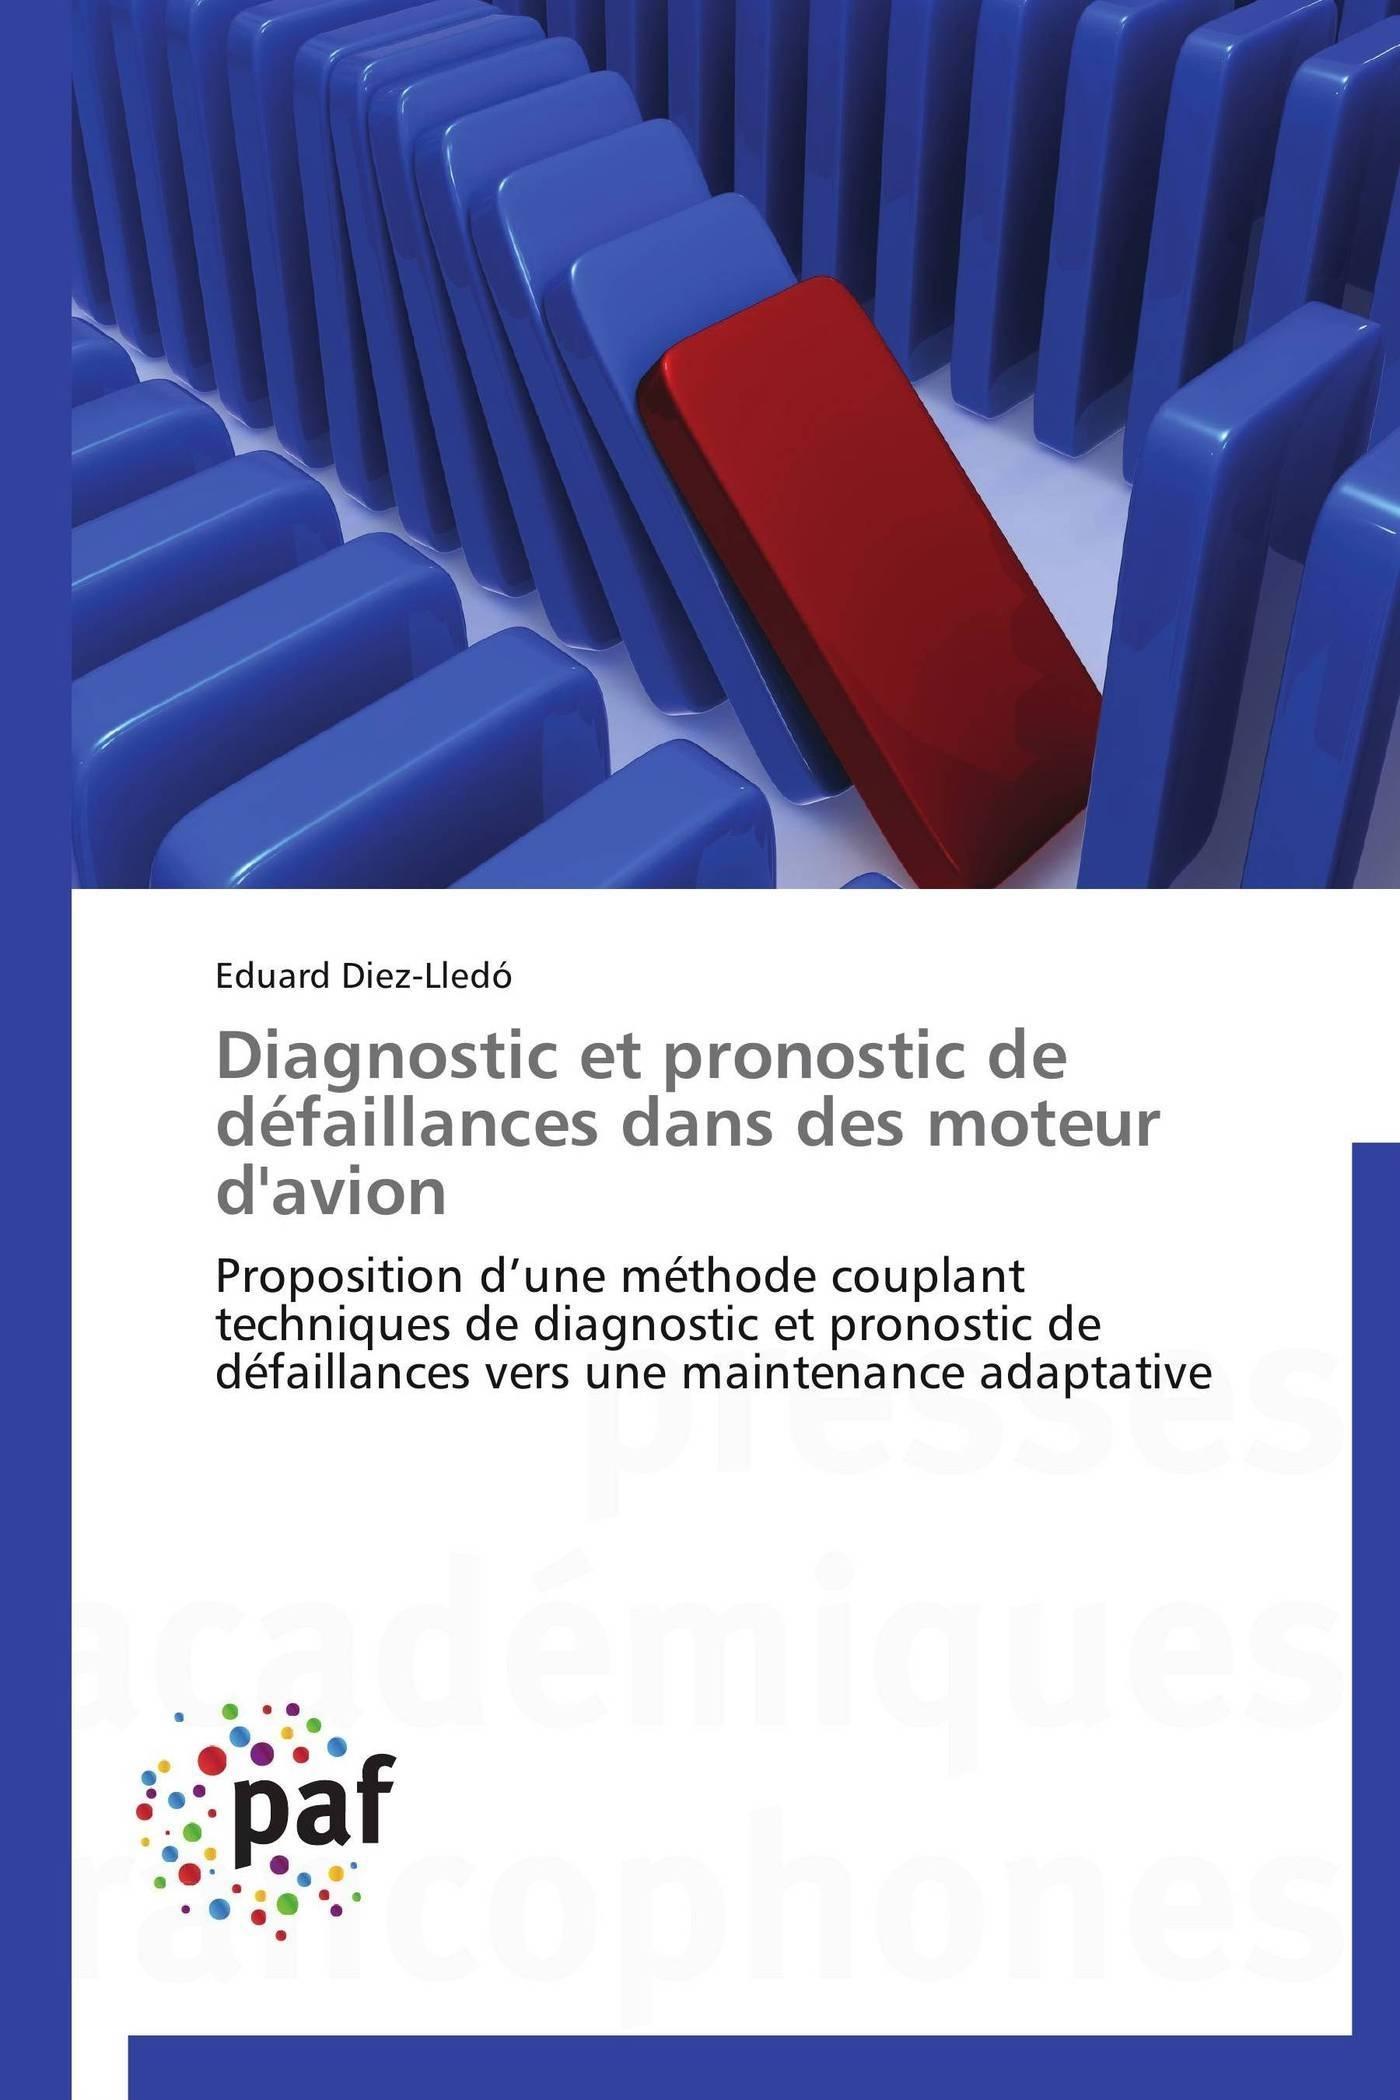 DIAGNOSTIC ET PRONOSTIC DE DEFAILLANCES DANS DES MOTEUR D'AVION